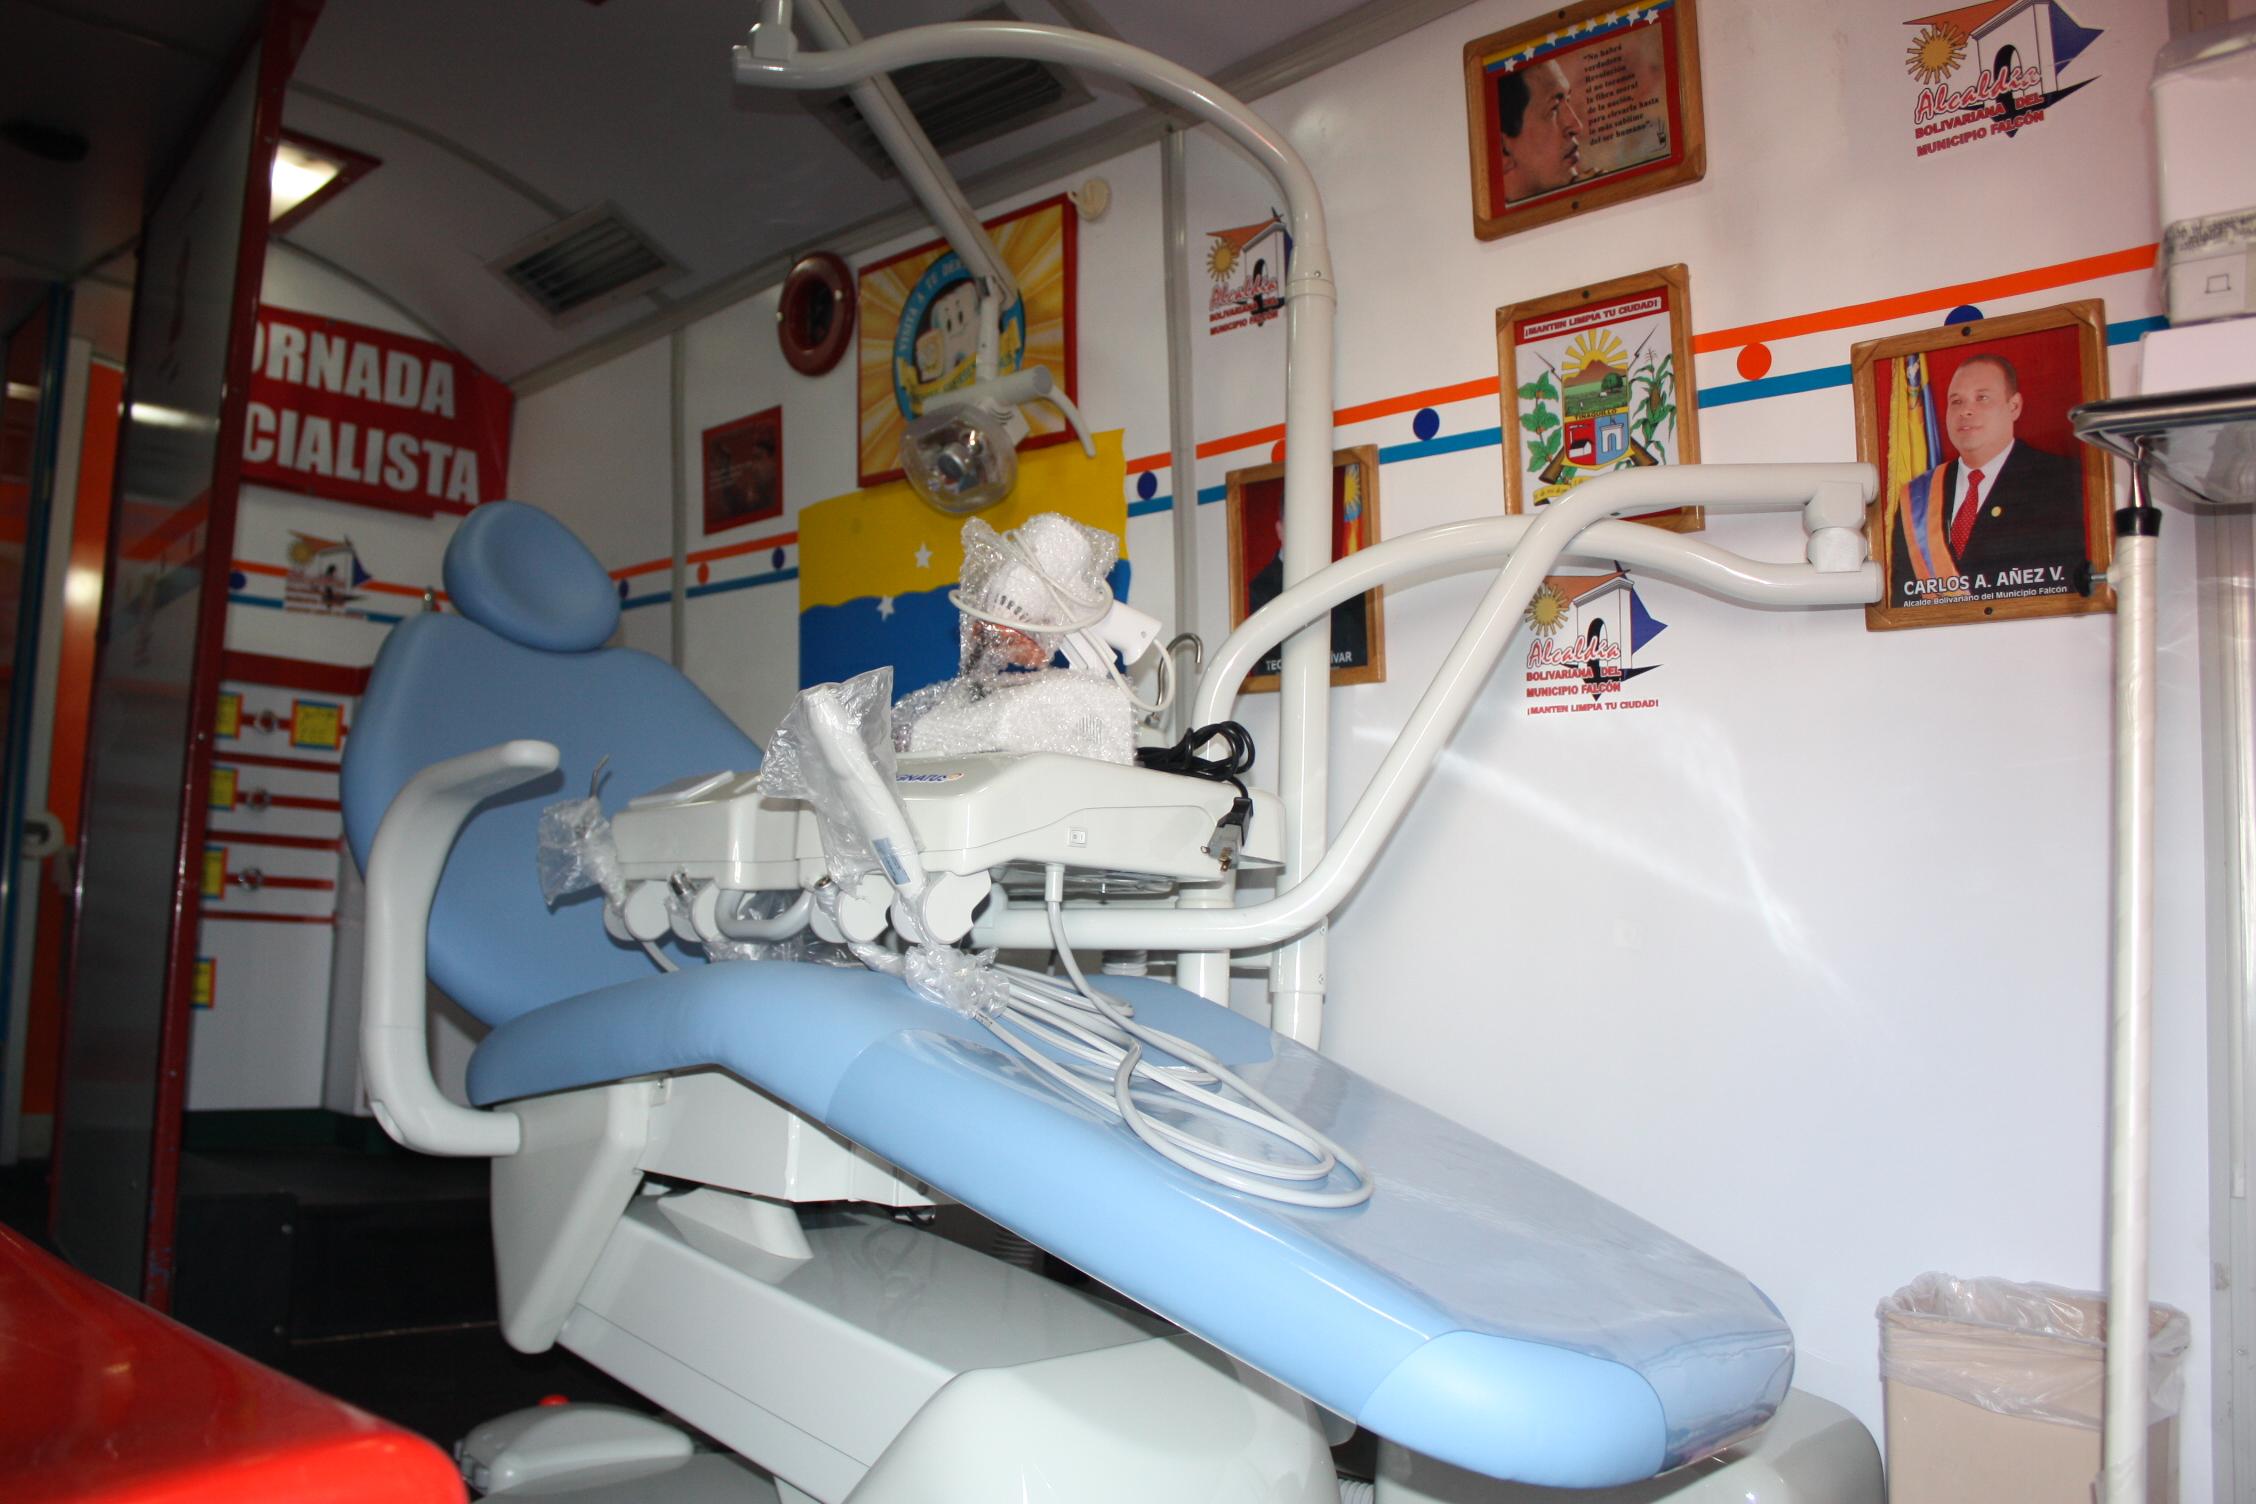 Cami recibi donaci n de una silla odontol gica por parte for Silla odontologica